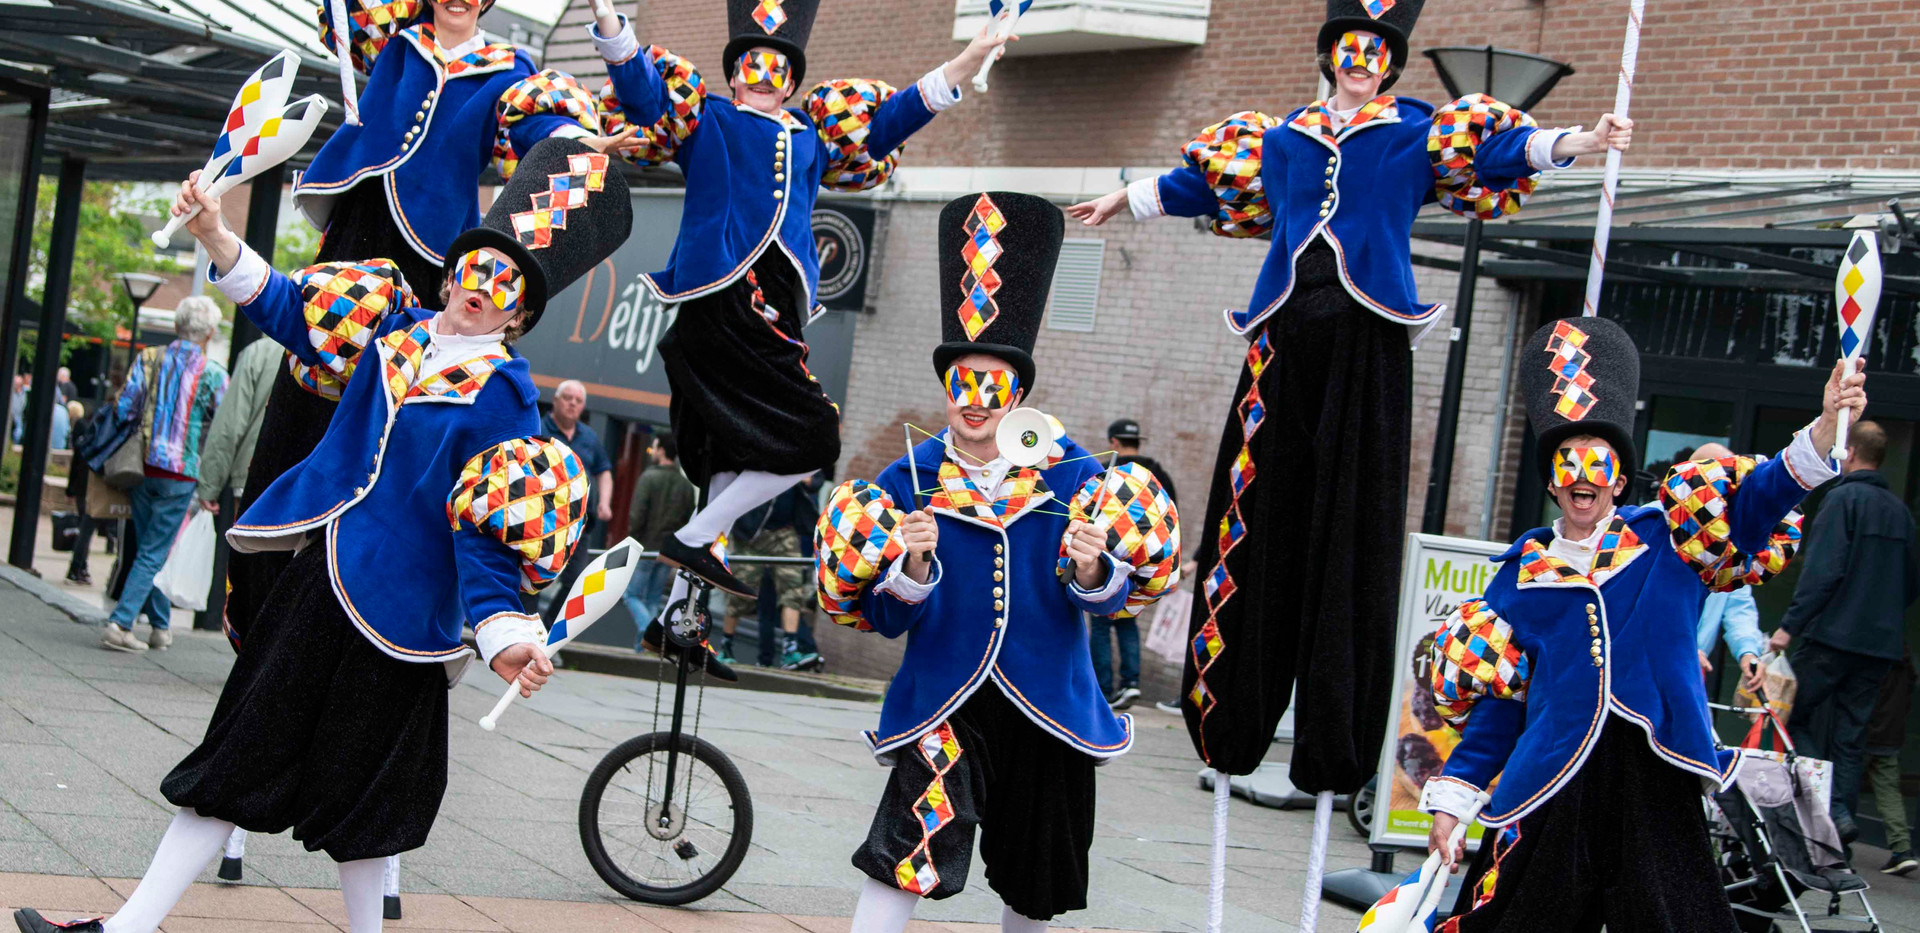 Cirque_Masque_streetcircus_entertainment